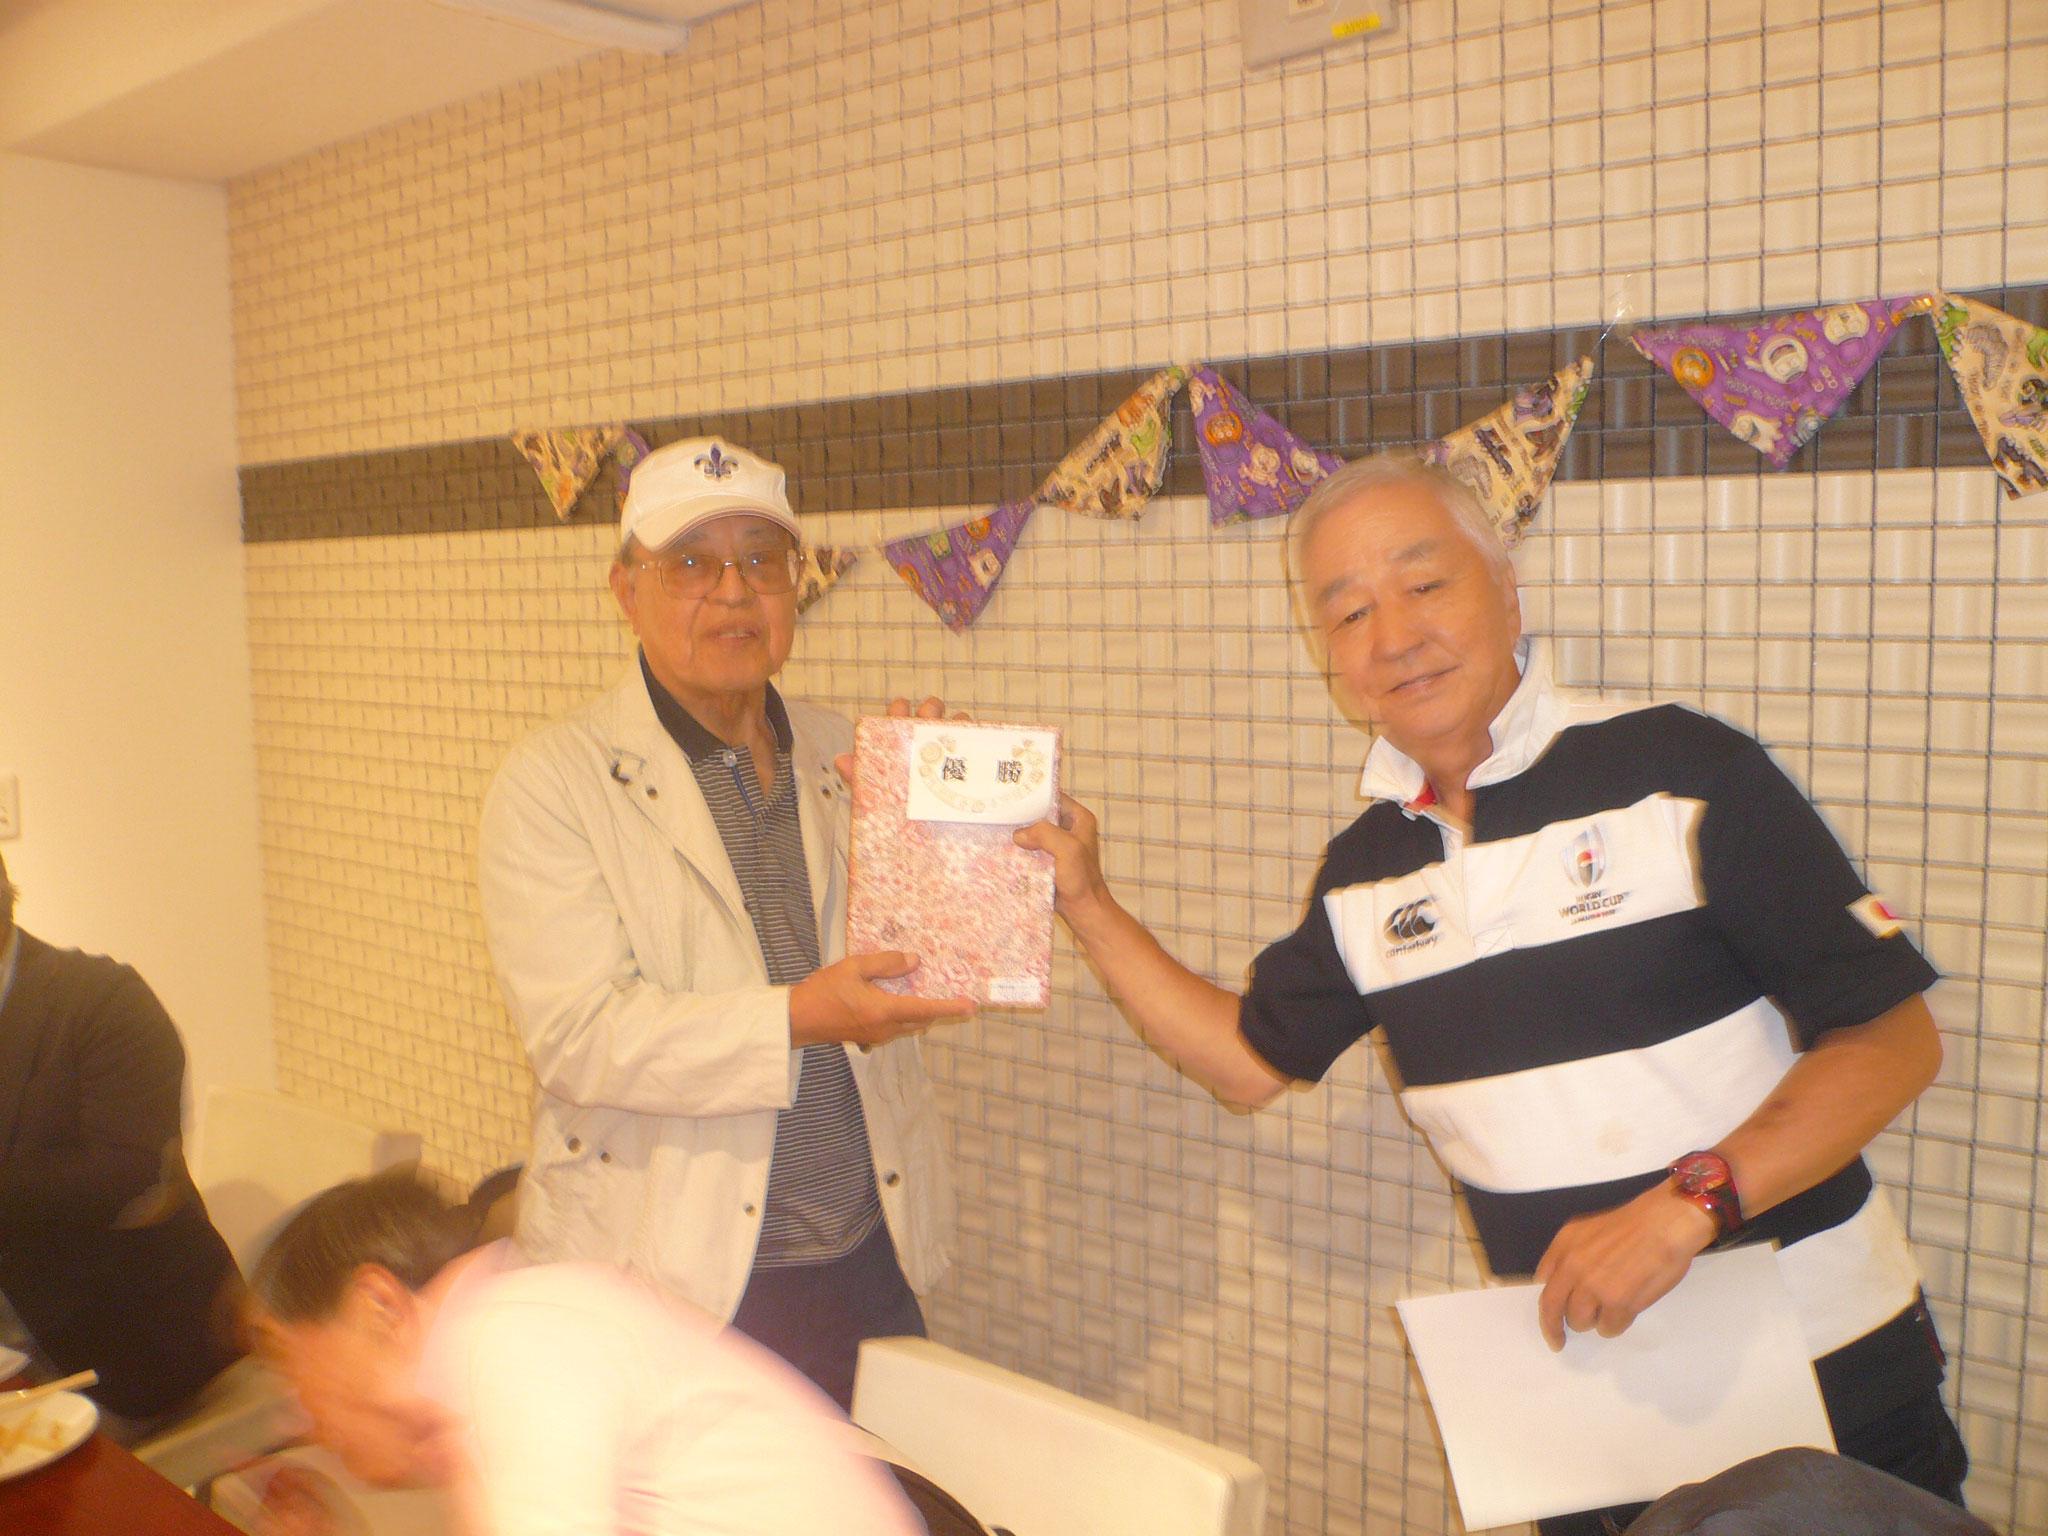 優勝は浜田さん今日の記念大会に備えて練習し狙い通りとご機嫌